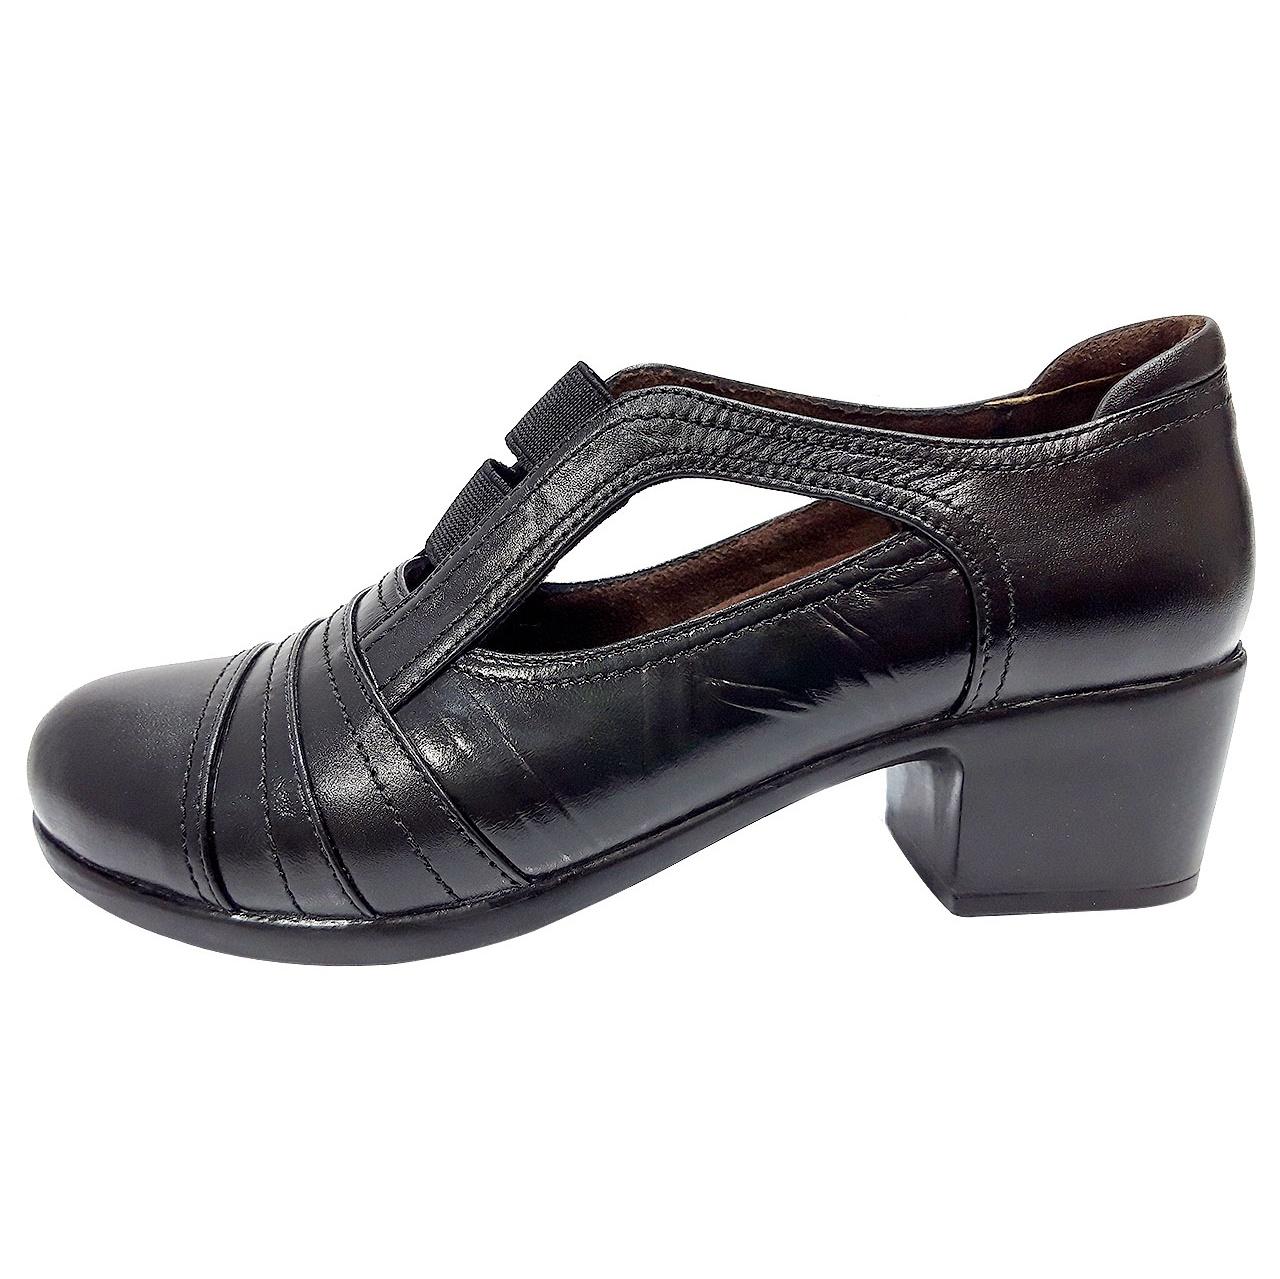 خرید                      کفش زنانه روشن کد 5045